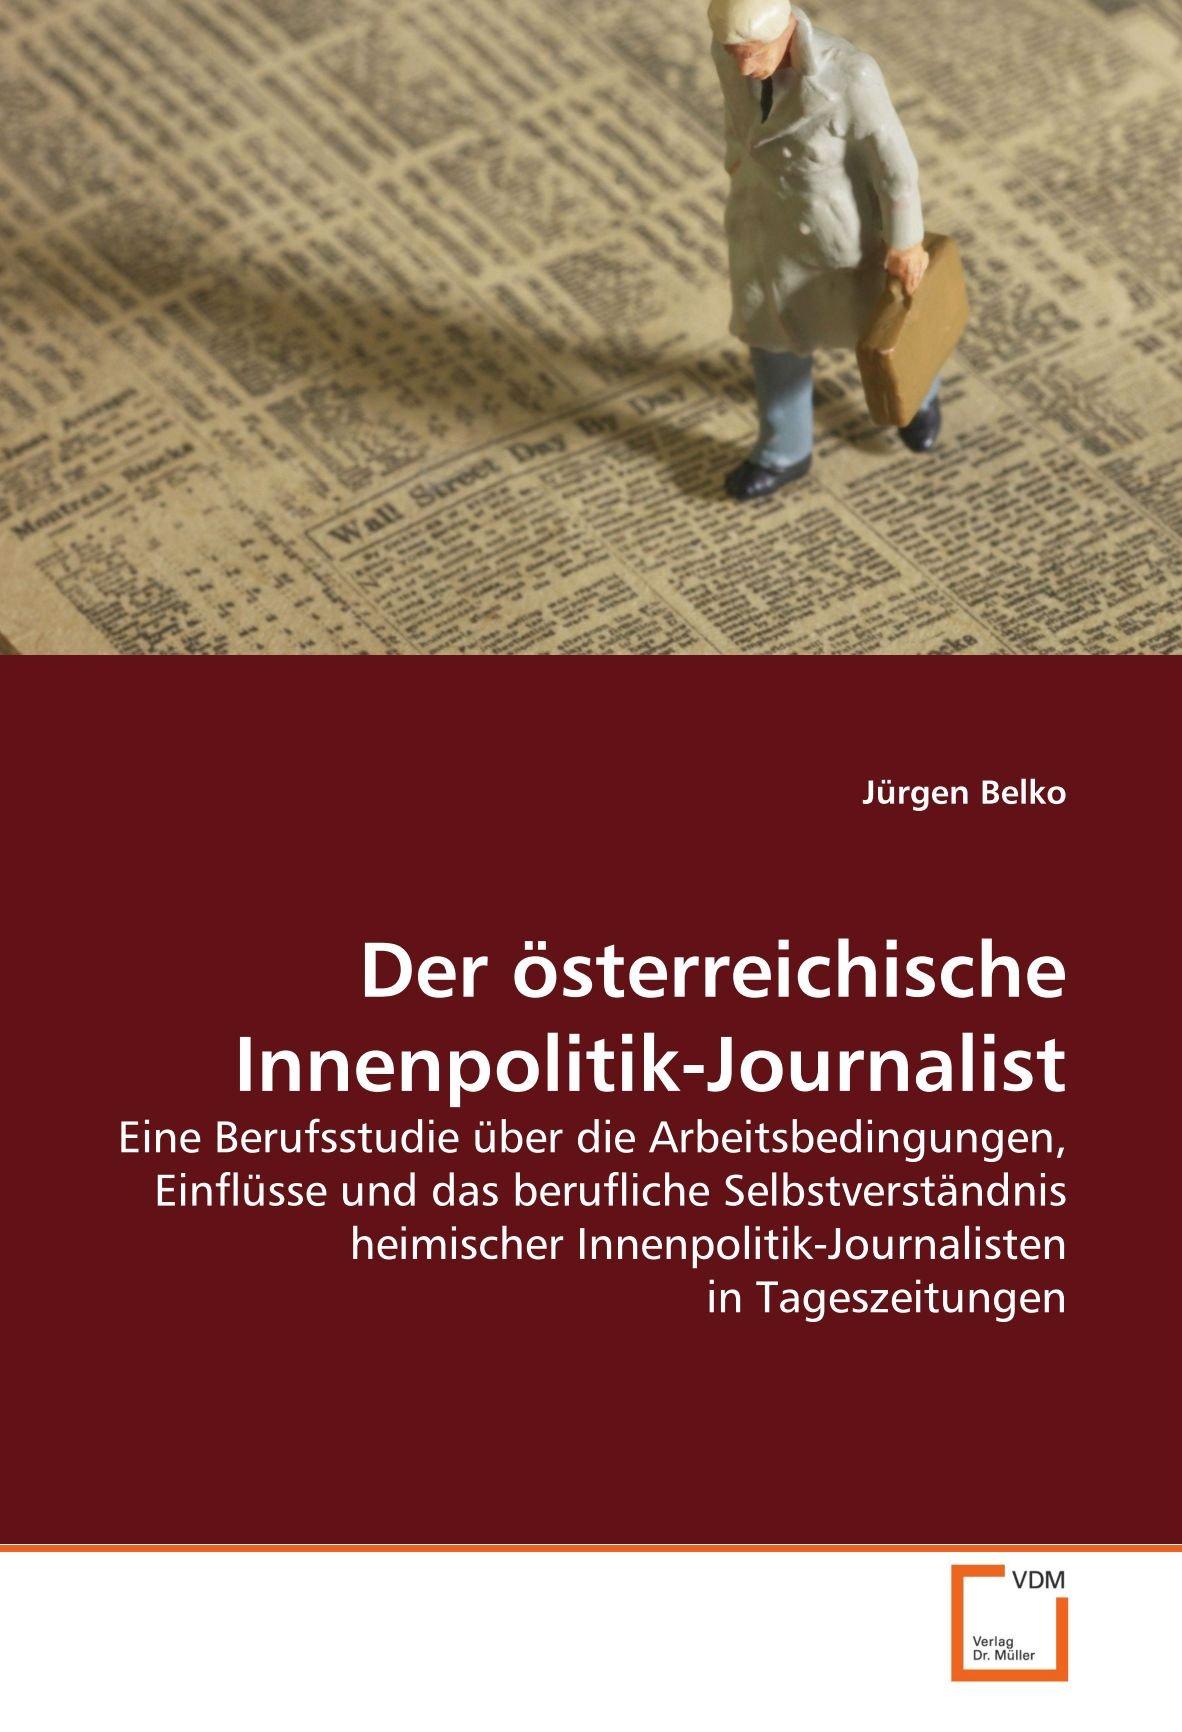 Der österreichische Innenpolitik-Journalist: Eine Berufsstudie über die Arbeitsbedingungen, Einflüsse und das berufliche Selbstverständnis heimischer Innenpolitik-Journalisten in Tageszeitungen